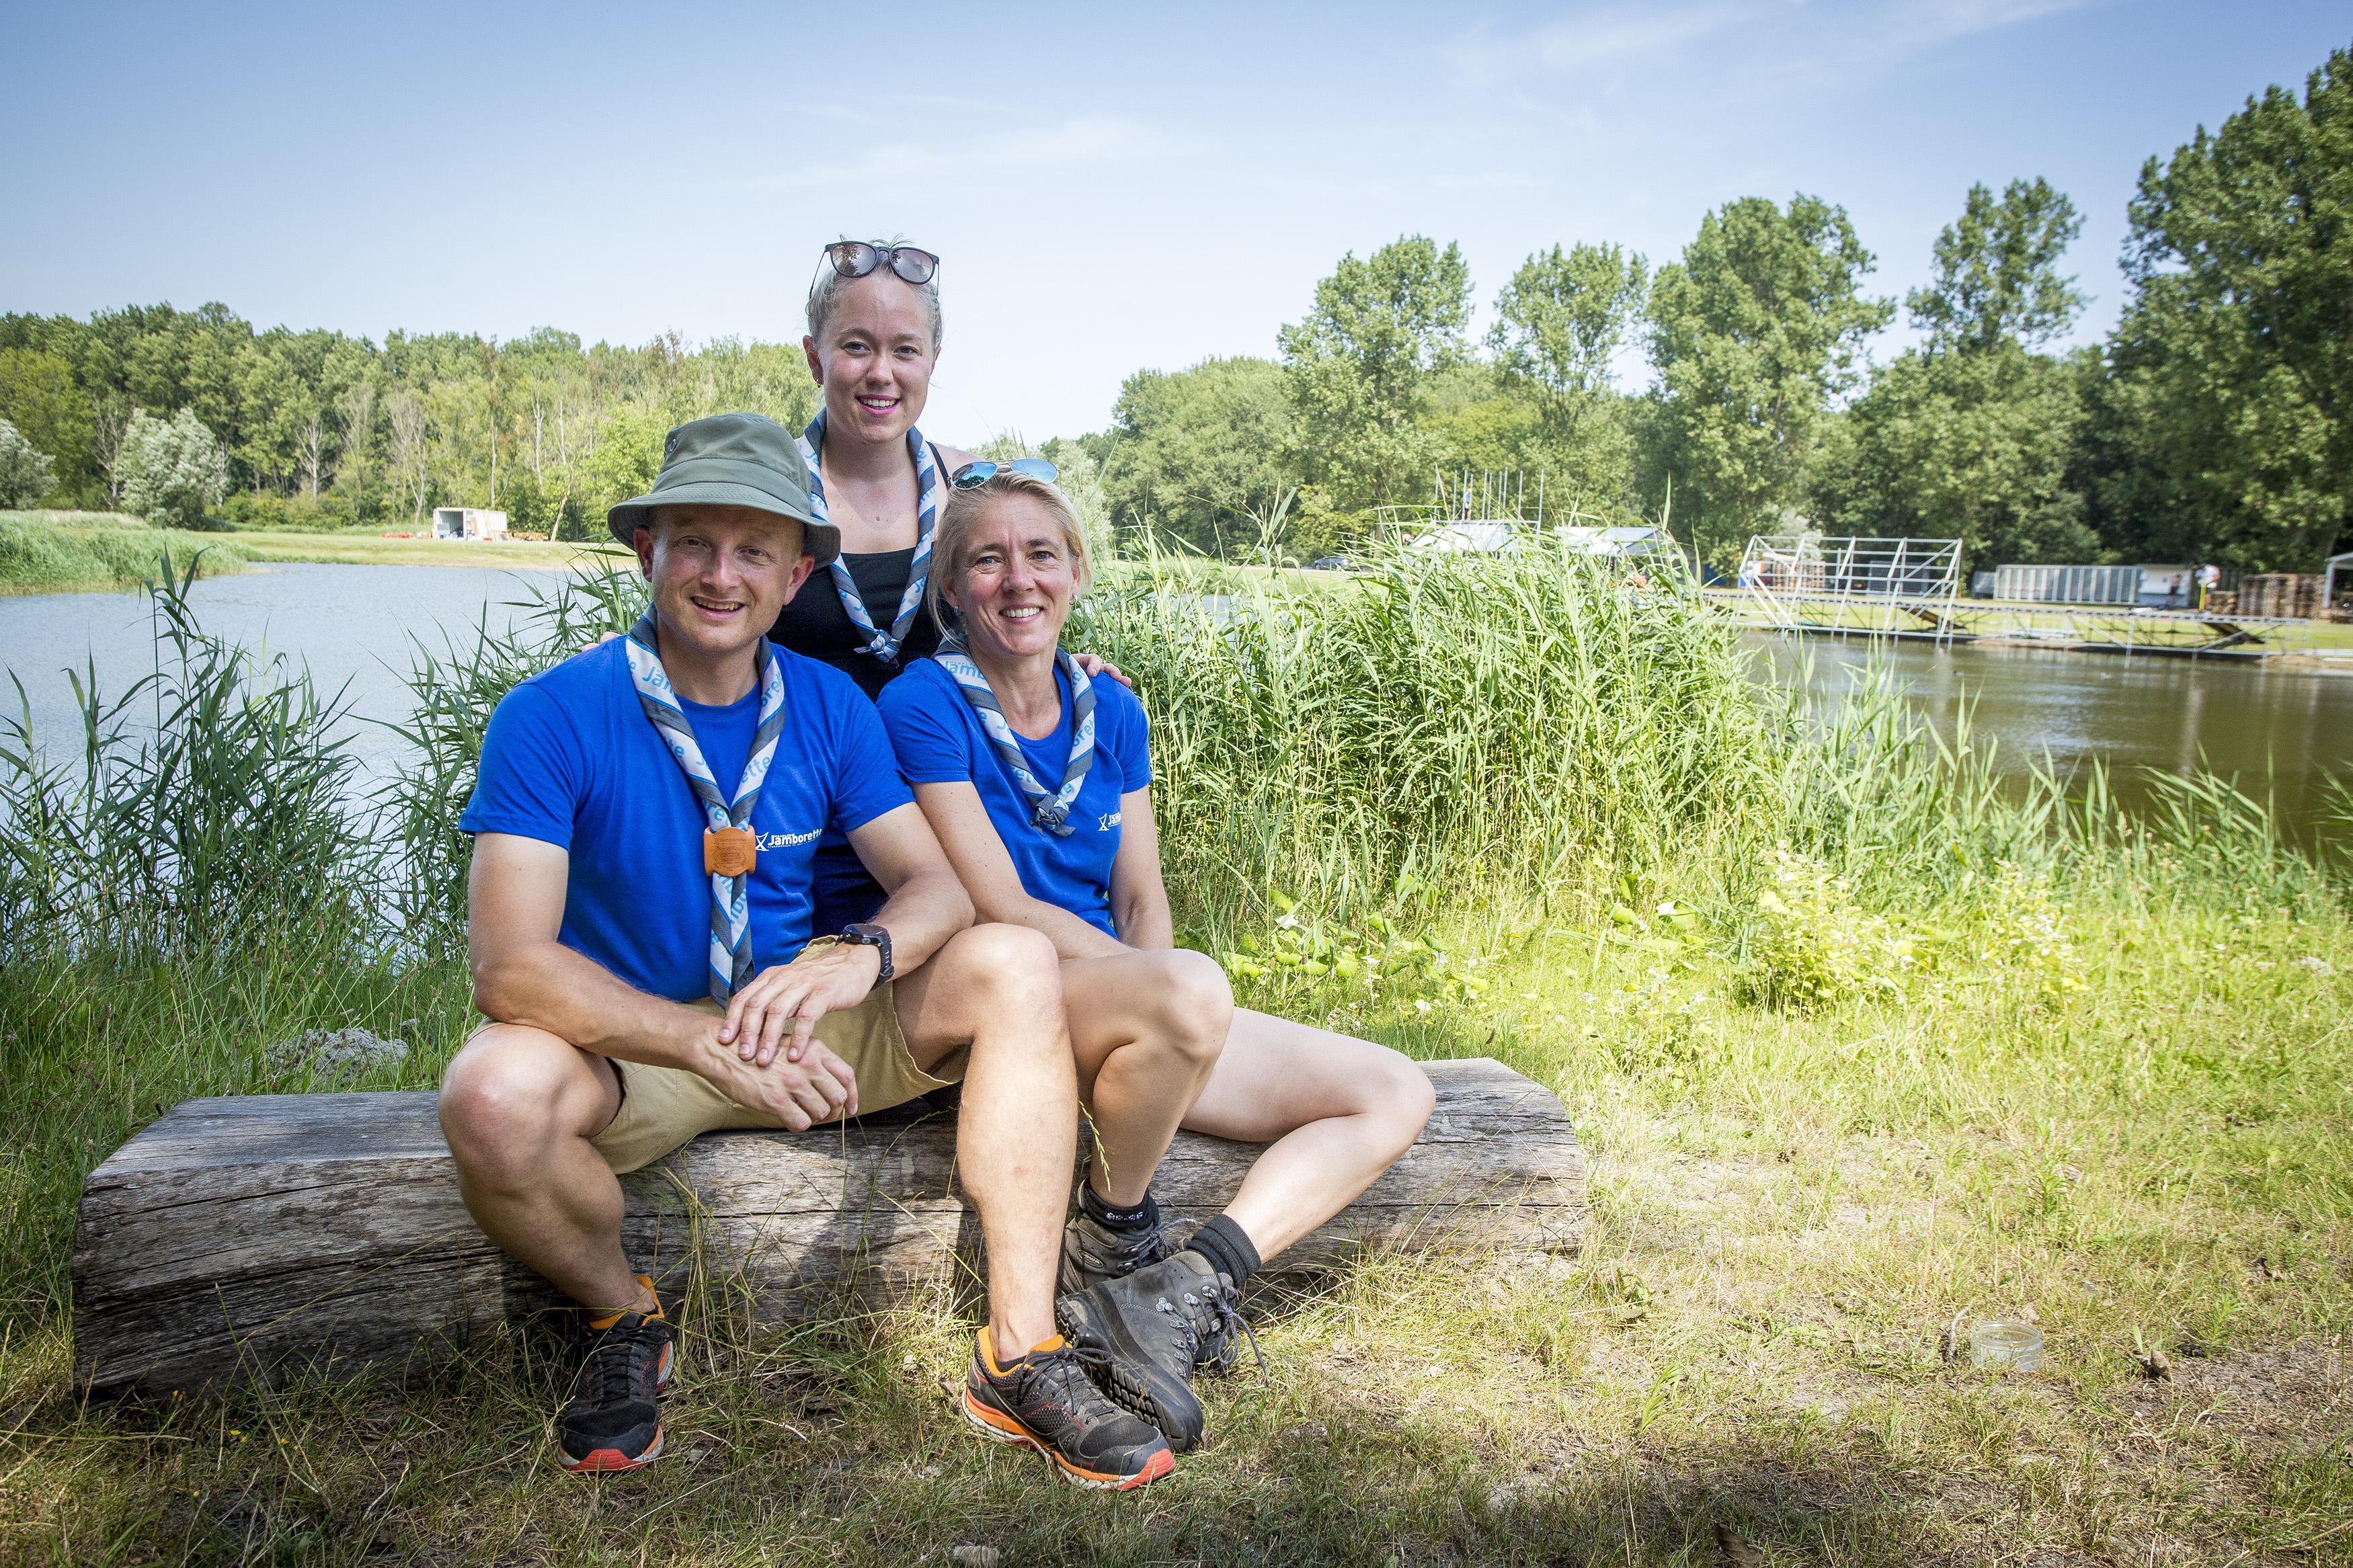 Haarlem Jamborette met 3500 deelnemers in Spaarnwoude: Piet en Wil Honderdos zien dat het goed is